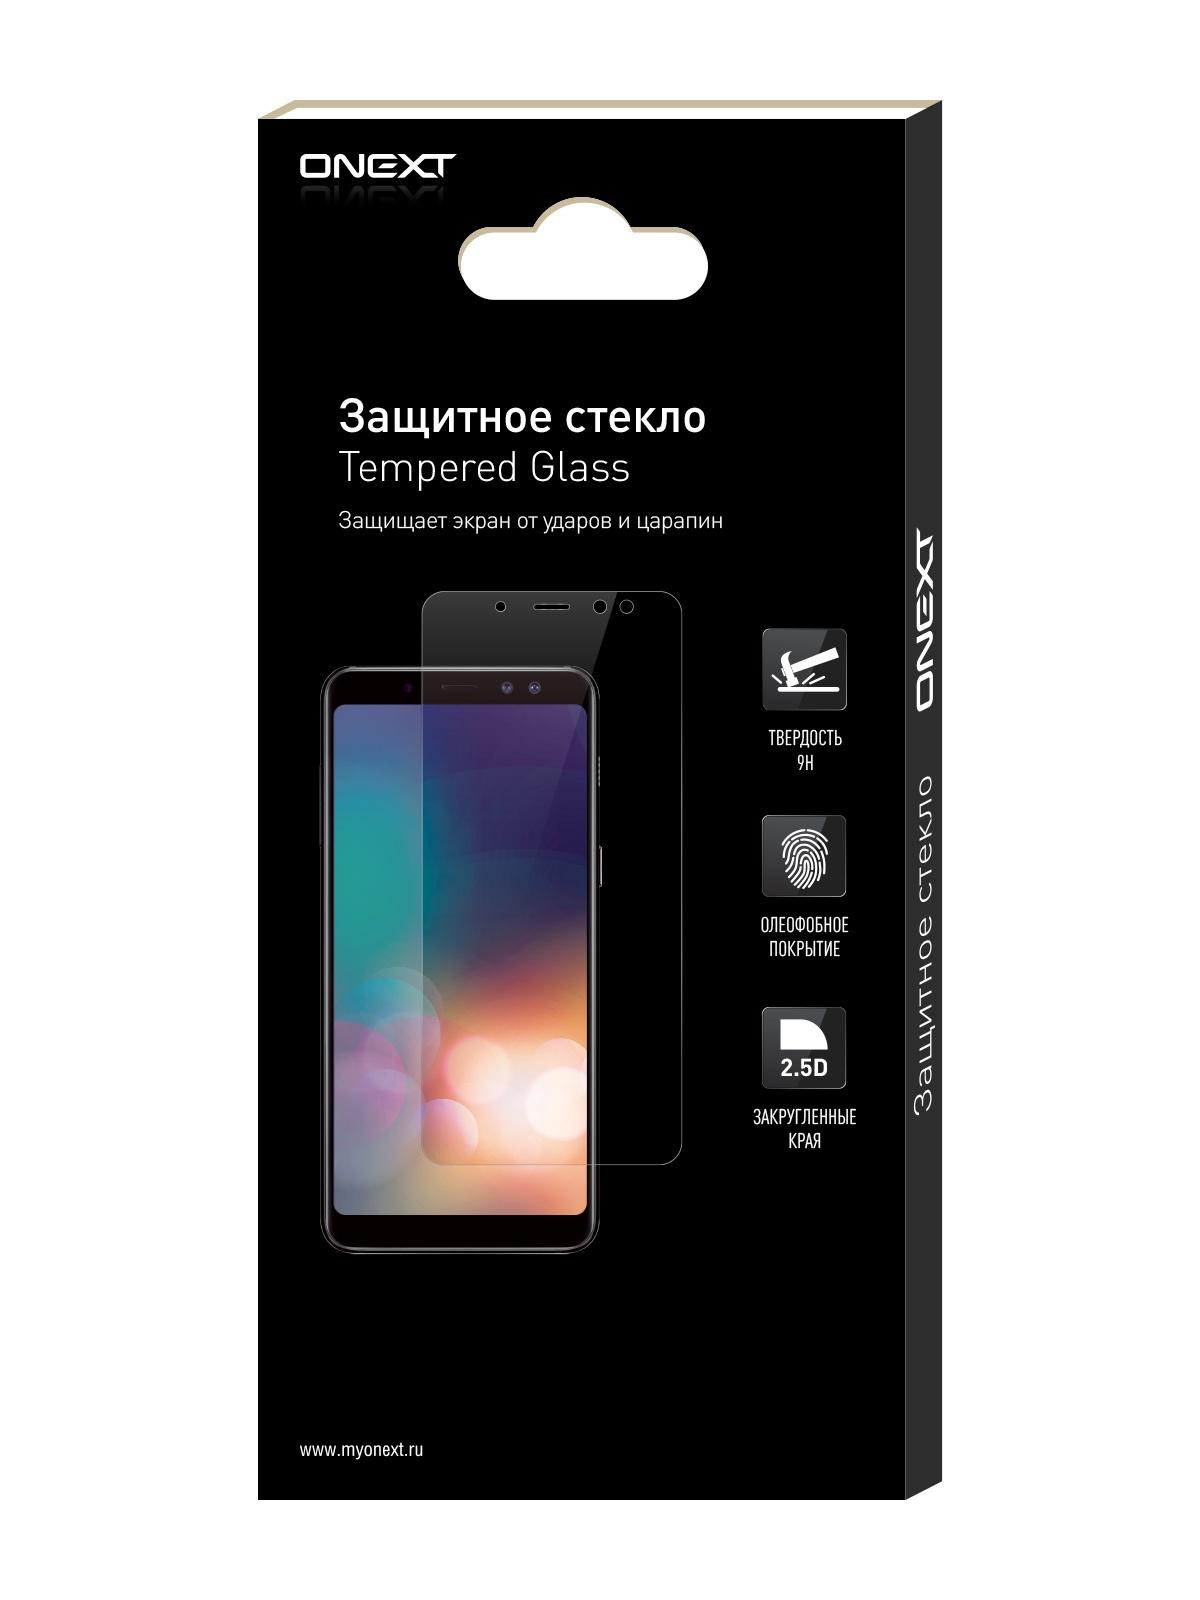 Защитное стекло ONEXT Samsung Galaxy Core Prime защитное стекло для samsung g355h galaxy core 2 duos onext